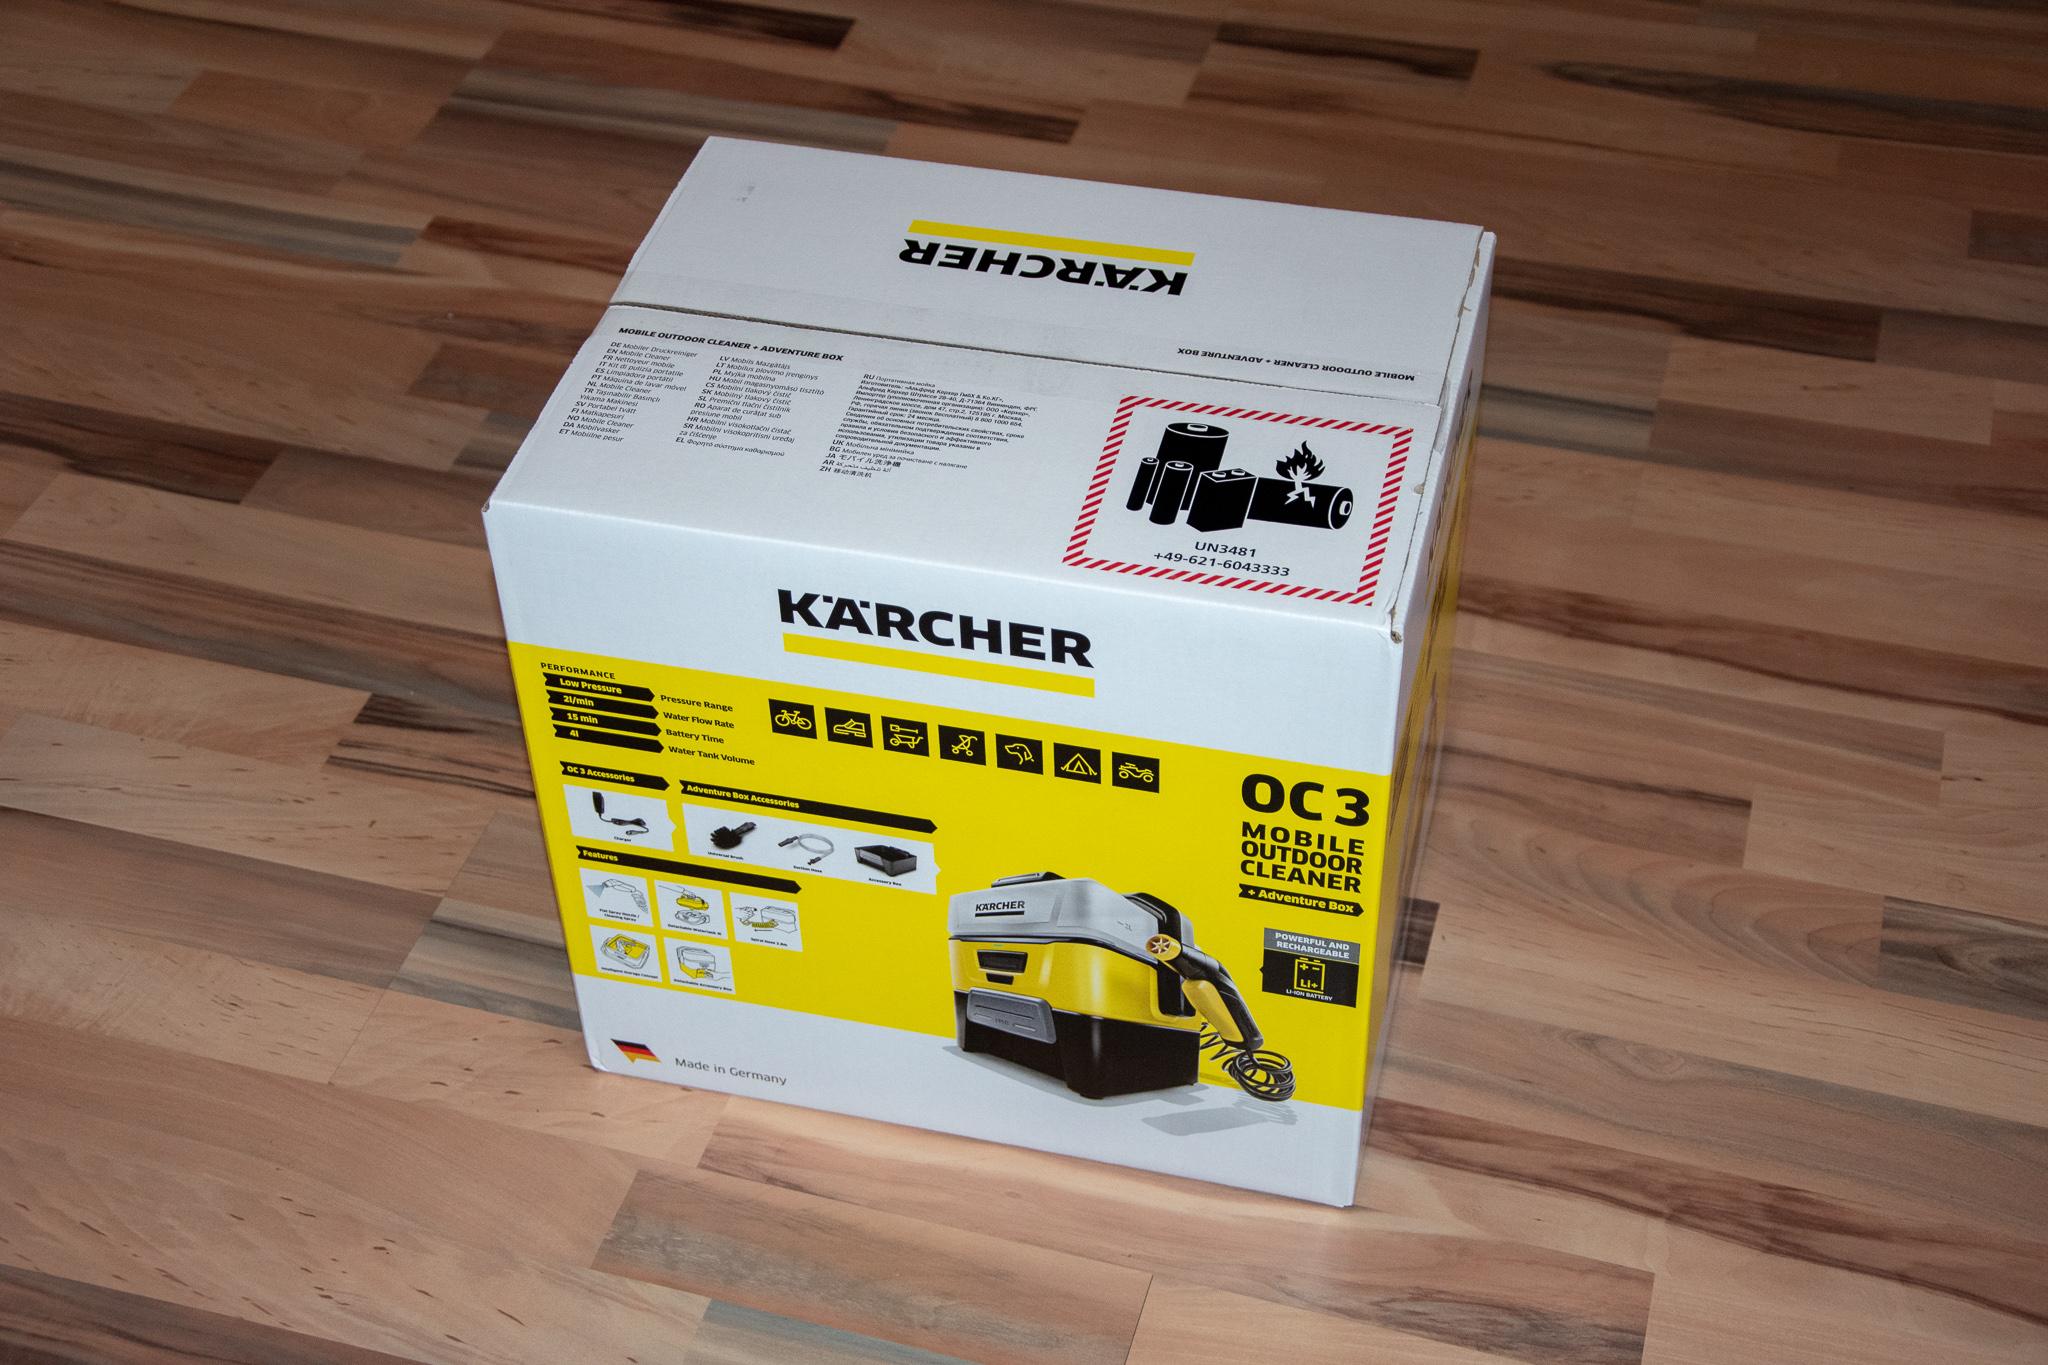 Kärcher OC3 Verpackung